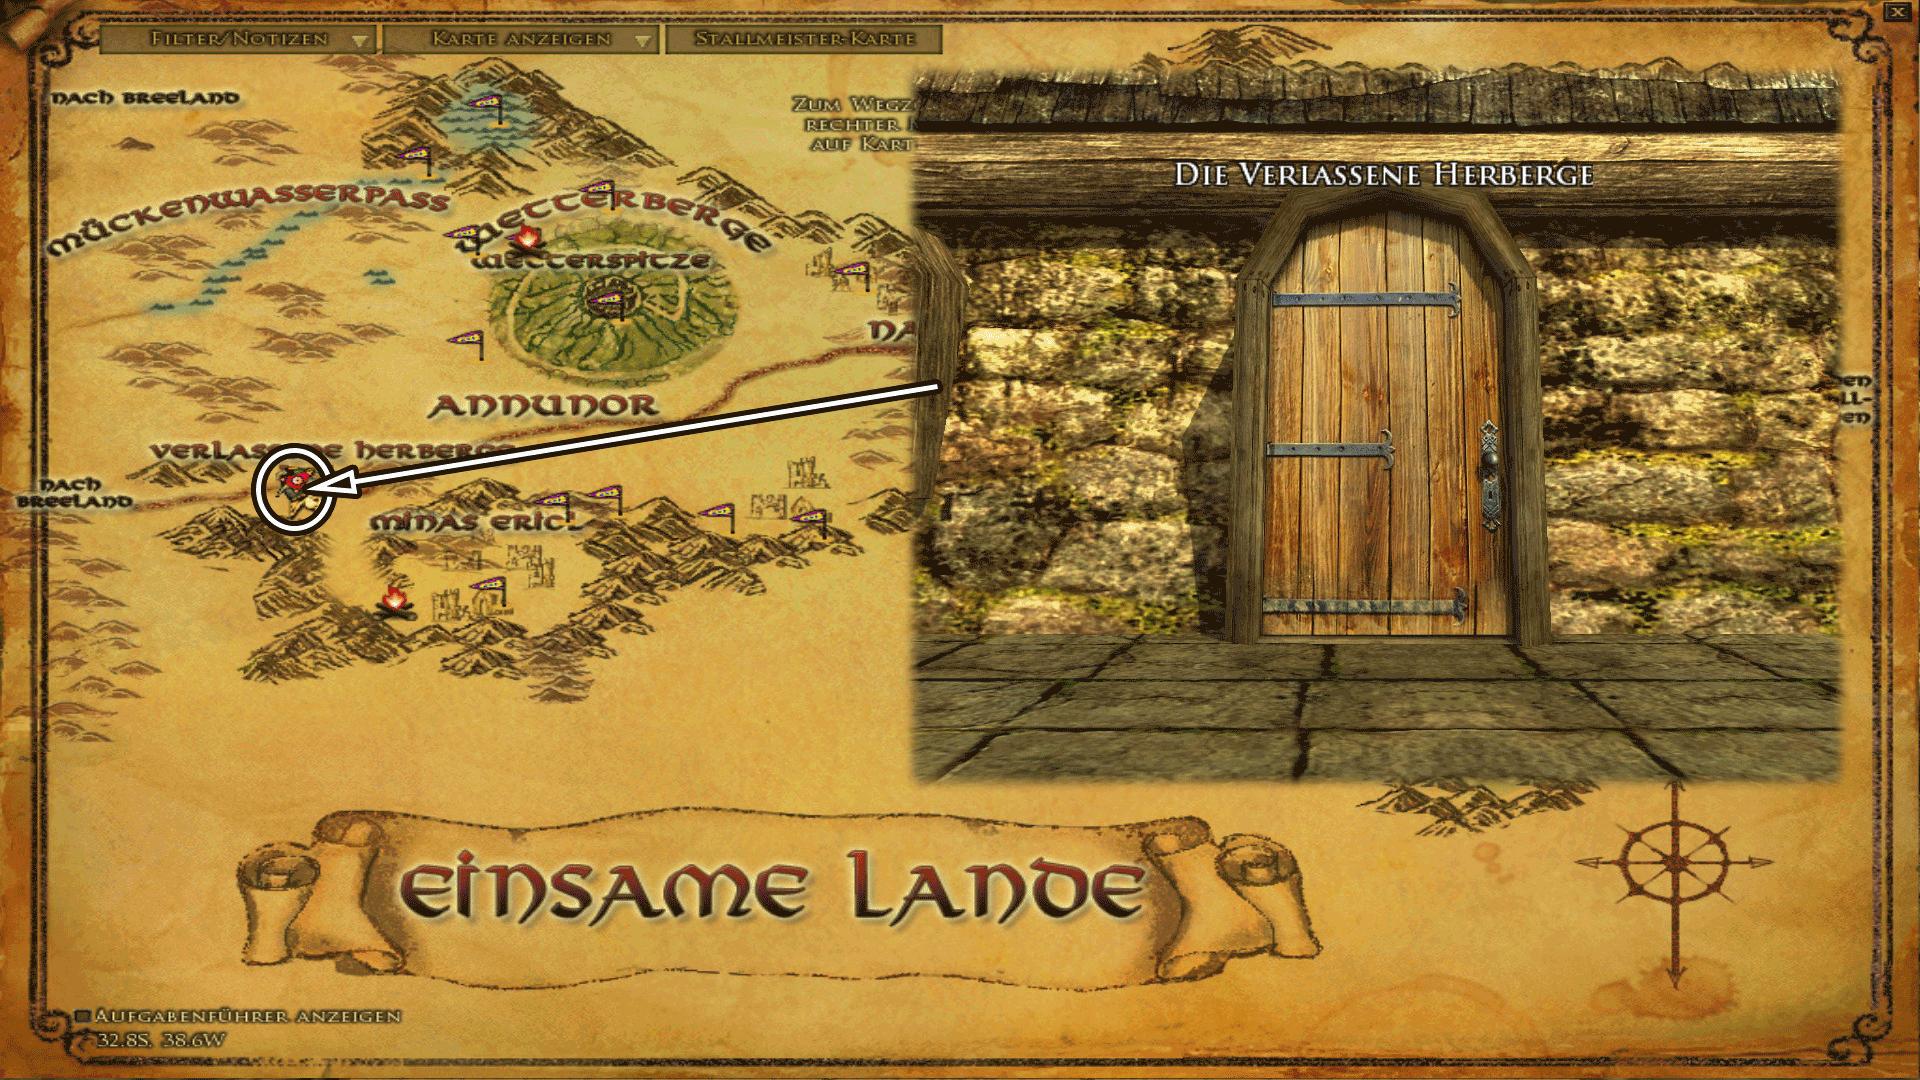 Gasthaus Verlassene Herberge - Karte anklicken zum vergrößern